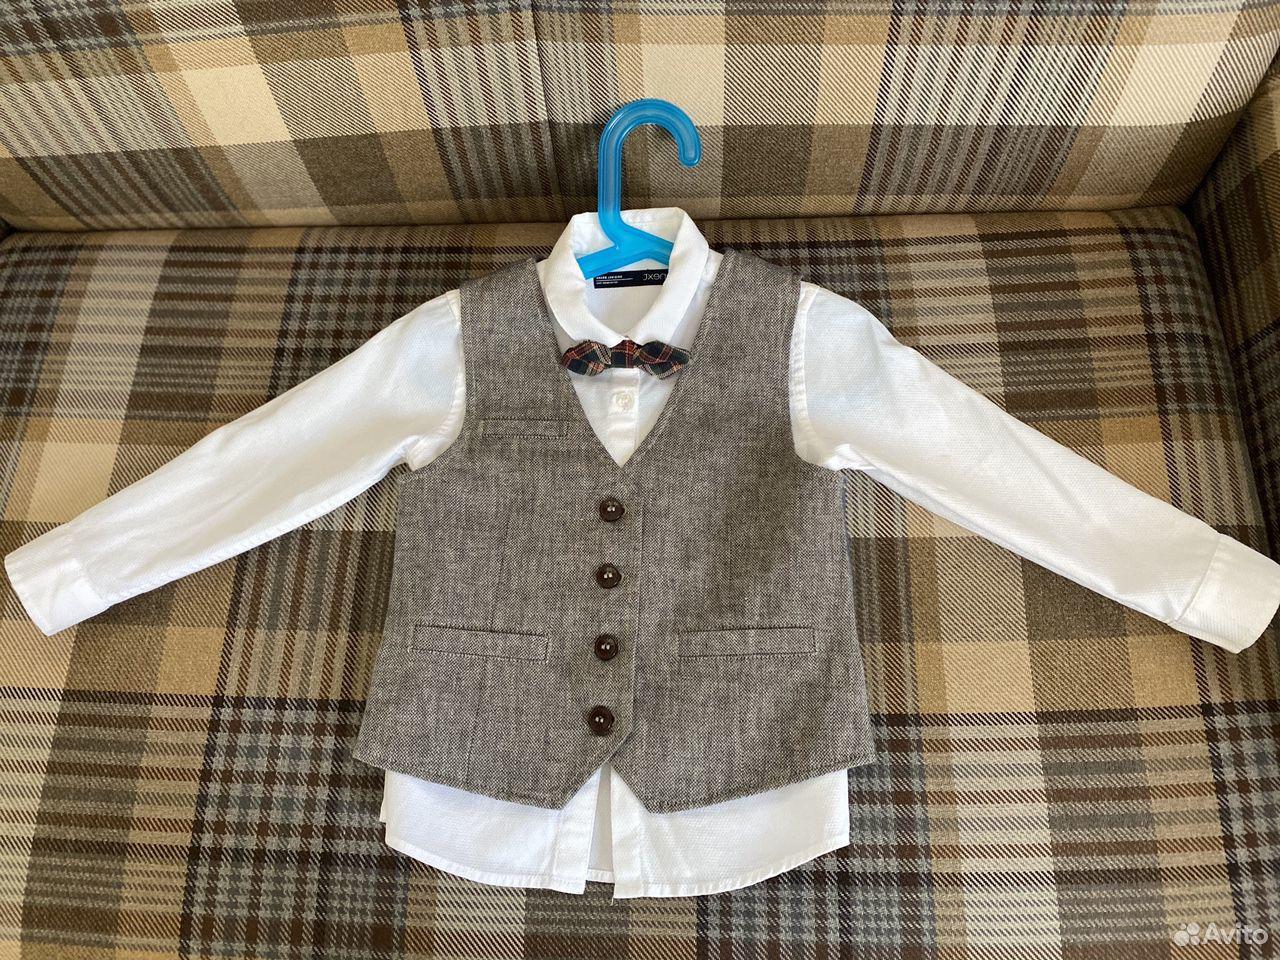 Комплект Next (рубашка, галстук- бабочка, жилет)  89788257655 купить 1